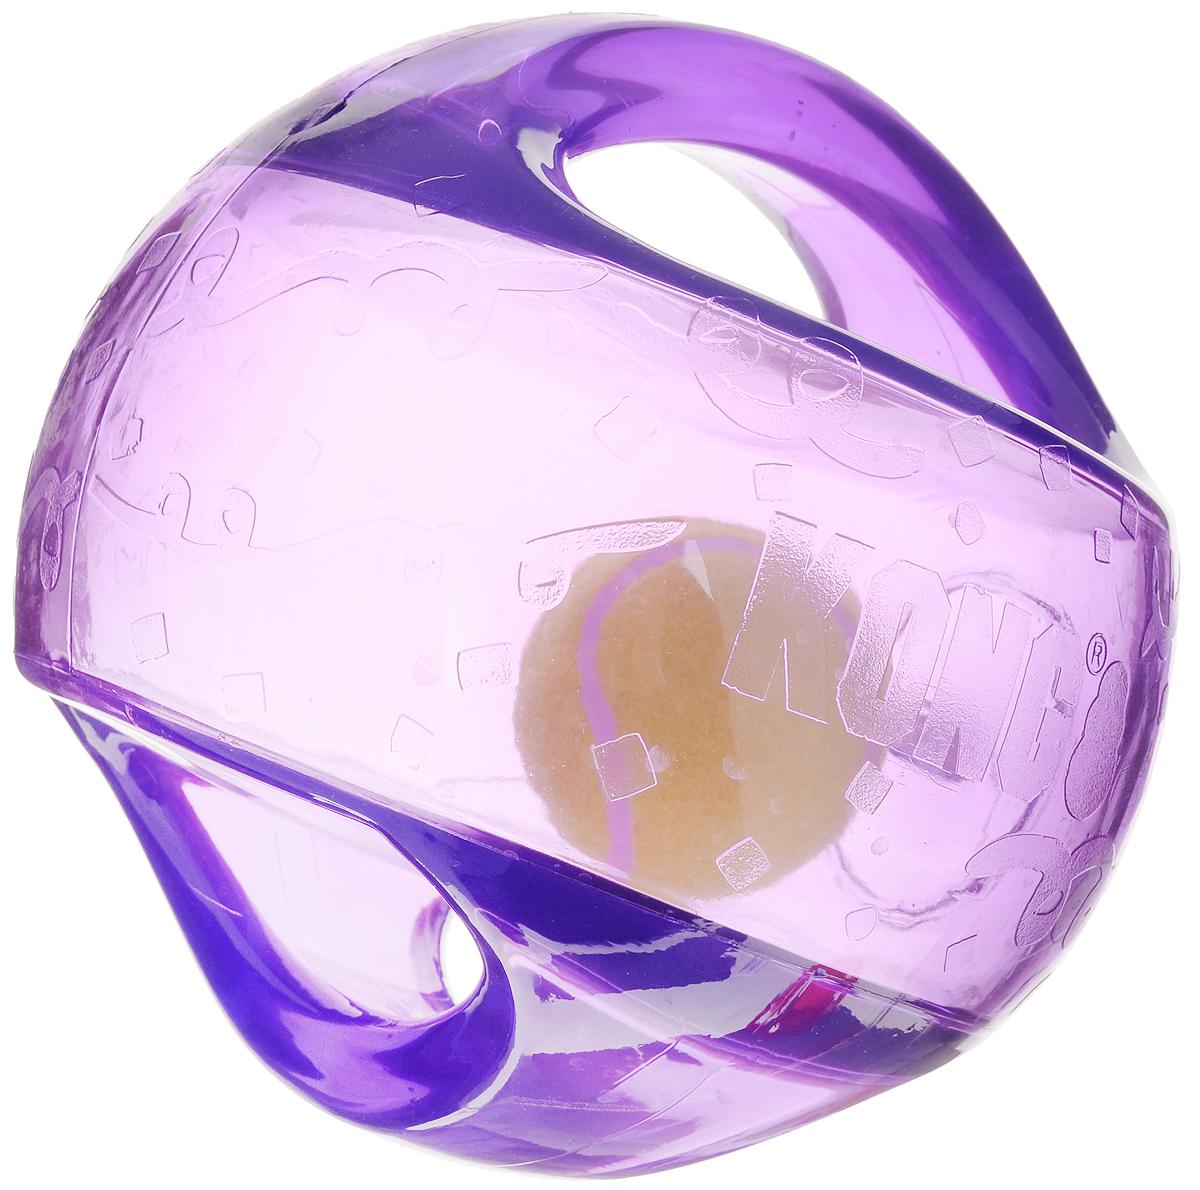 Игрушка для собак Kong Мячик L/XL, с пищалкой, цвет: прозрачный, фиолетовый, 18 х 18 х 18 смTMB1E_фиолетовыйИгрушка для собак Kong Мячик L/XL, выполненная из высококачественного каучука, представляет собой мяч 2 в 1. Теннисный мяч, расположенный внутри, гремит и будет привлекать внимание вашего питомца, побуждая достать его. Просто потрясите игрушку. Удобные ручки служат для поднятия. Также изделие оснащено пищалкой. С такой игрушкой вы сможете играть в захватывающие и активные игры с вашей собакой. Она прекрасно подходит для животных крупного размера, с сильными челюстями и для использования в качестве дрессировочного предмета.